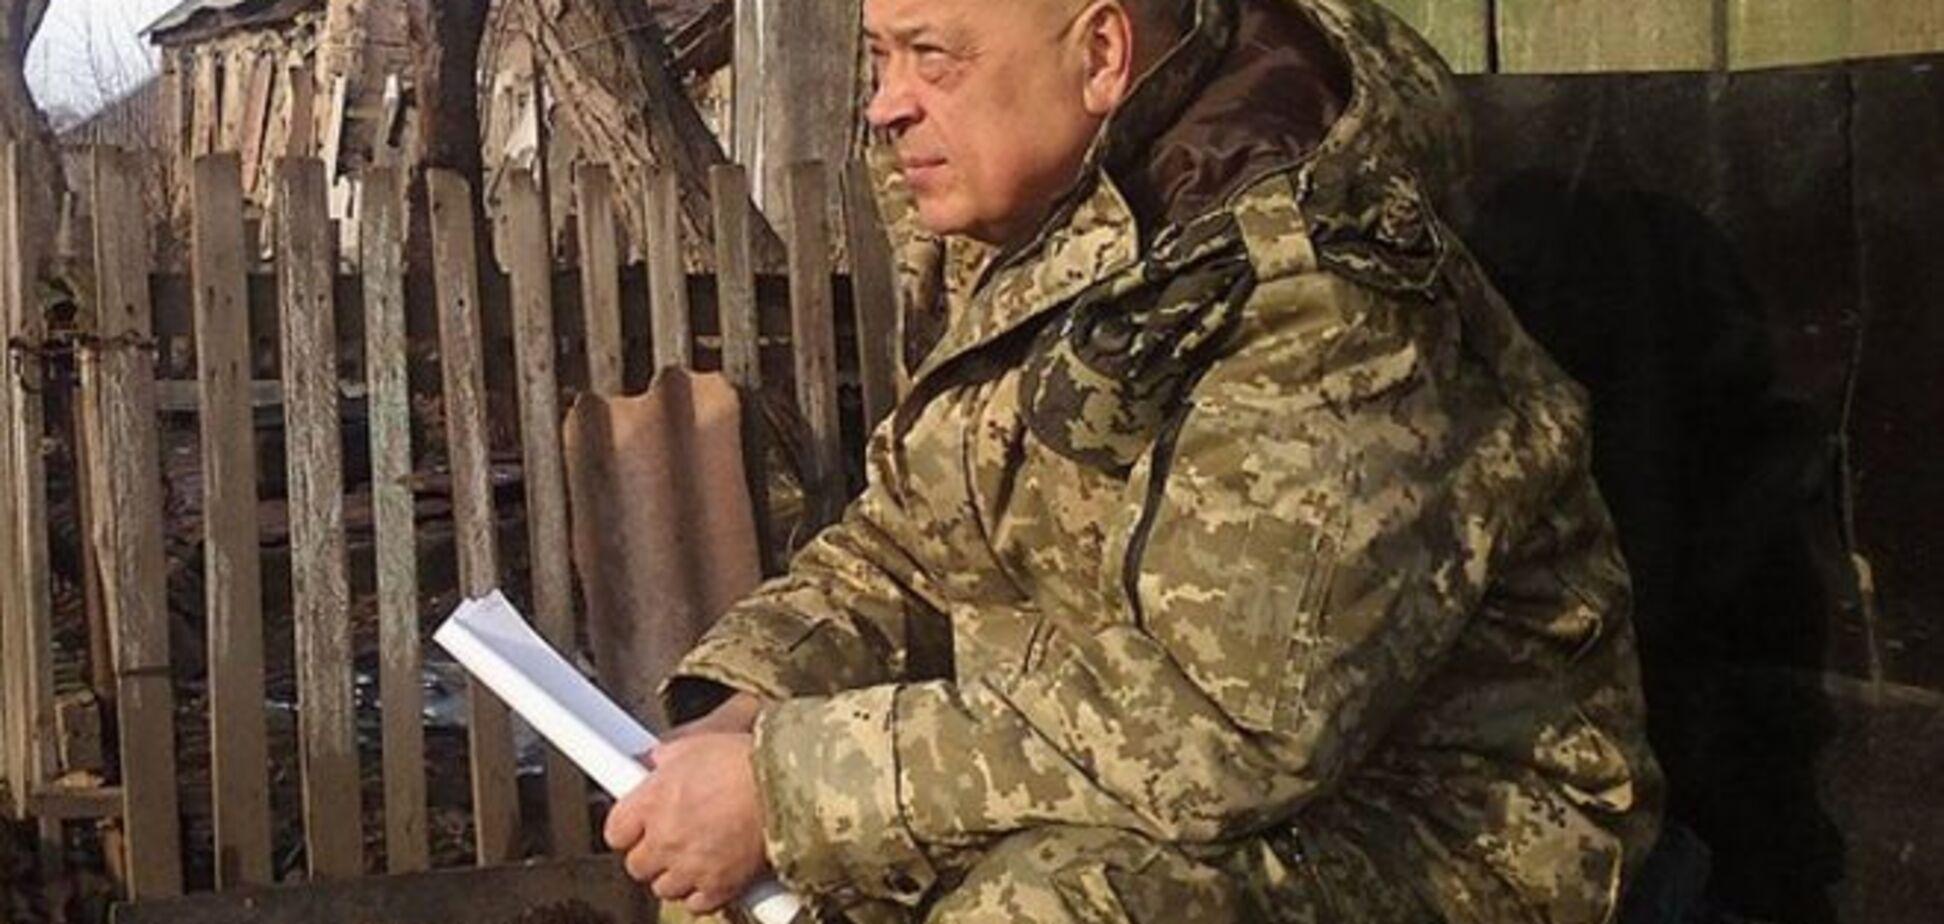 ДРГ из минометов расстреляла машину с мирными жителями - Москаль